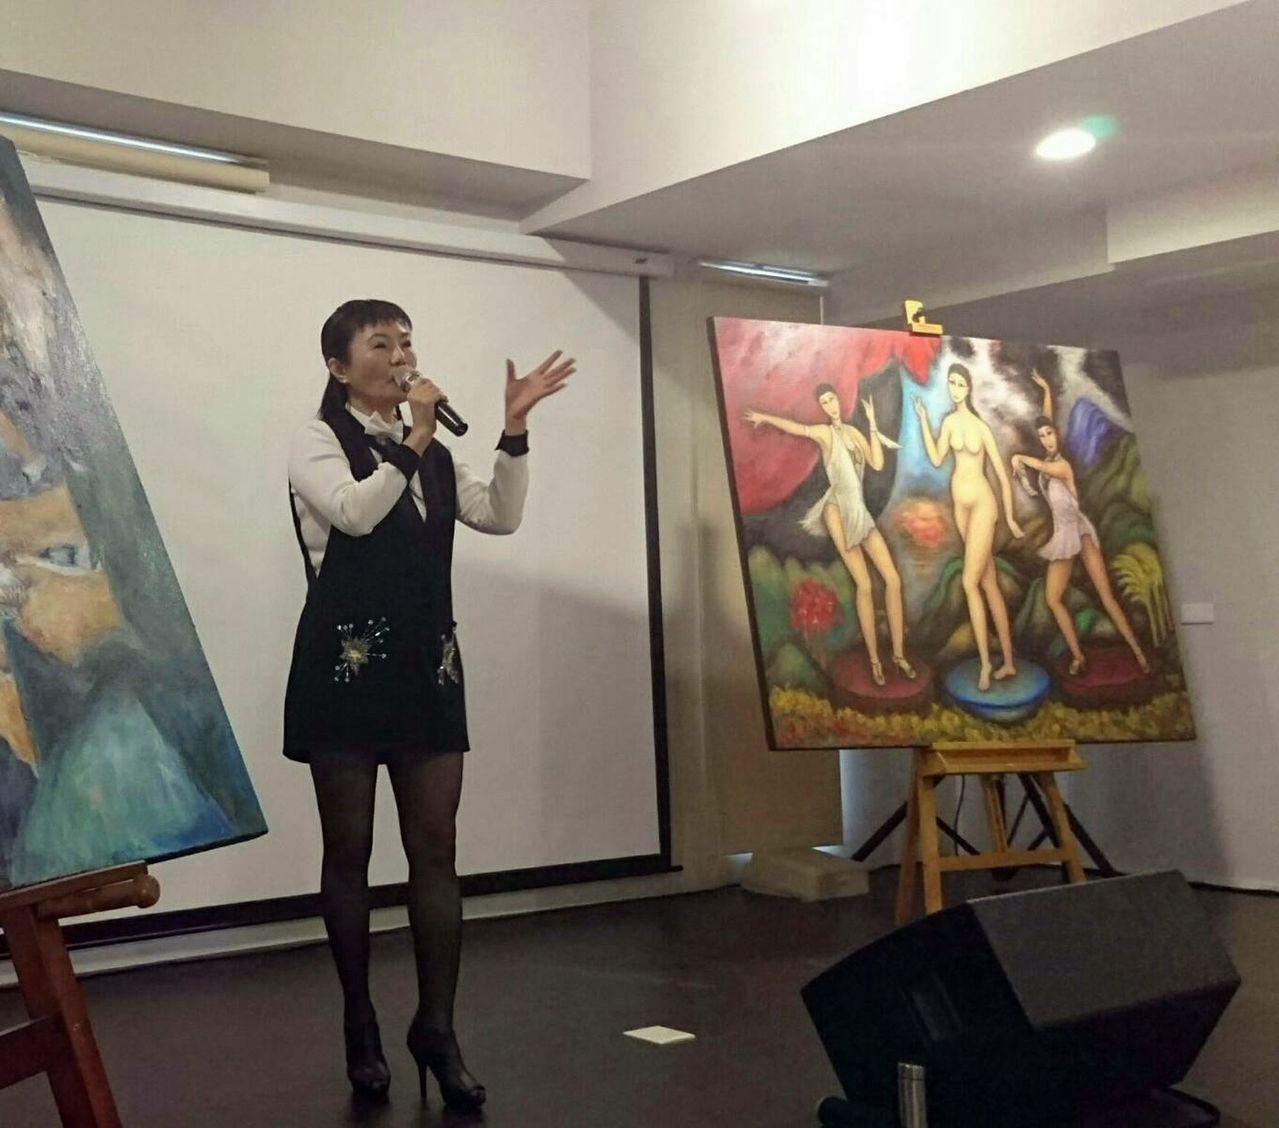 「迴旋夢裡的女人」許曉丹,應高雄市性健康協會發表專題演說。圖/高雄市性健康協會提...